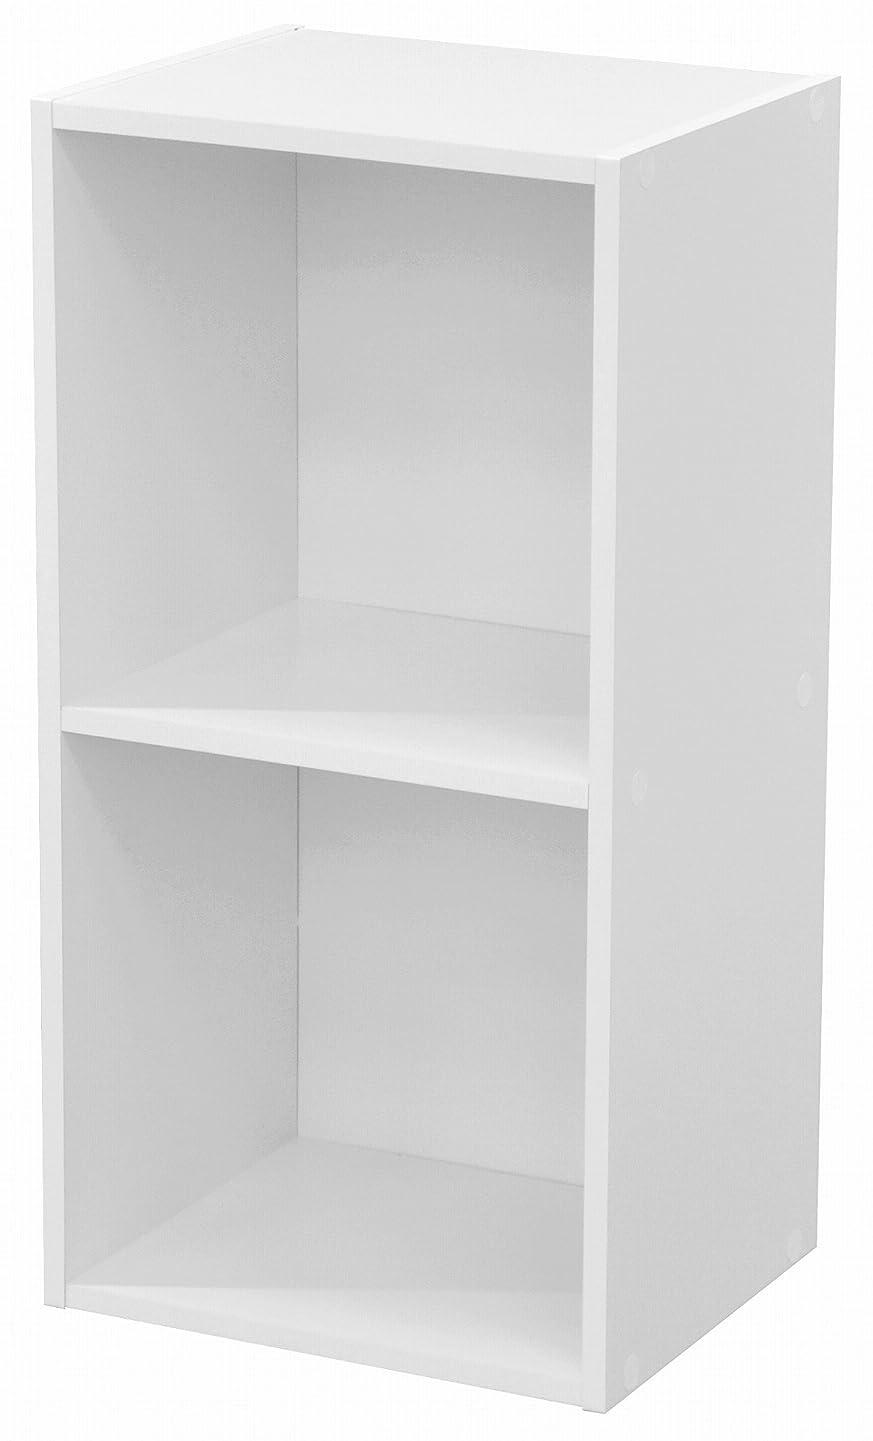 花火ペインティングテセウスエイ?アイ?エス (AIS) カラーボックス ホワイト 幅35.9×奥行29.2×高さ70.6cm HK2T-01 WH